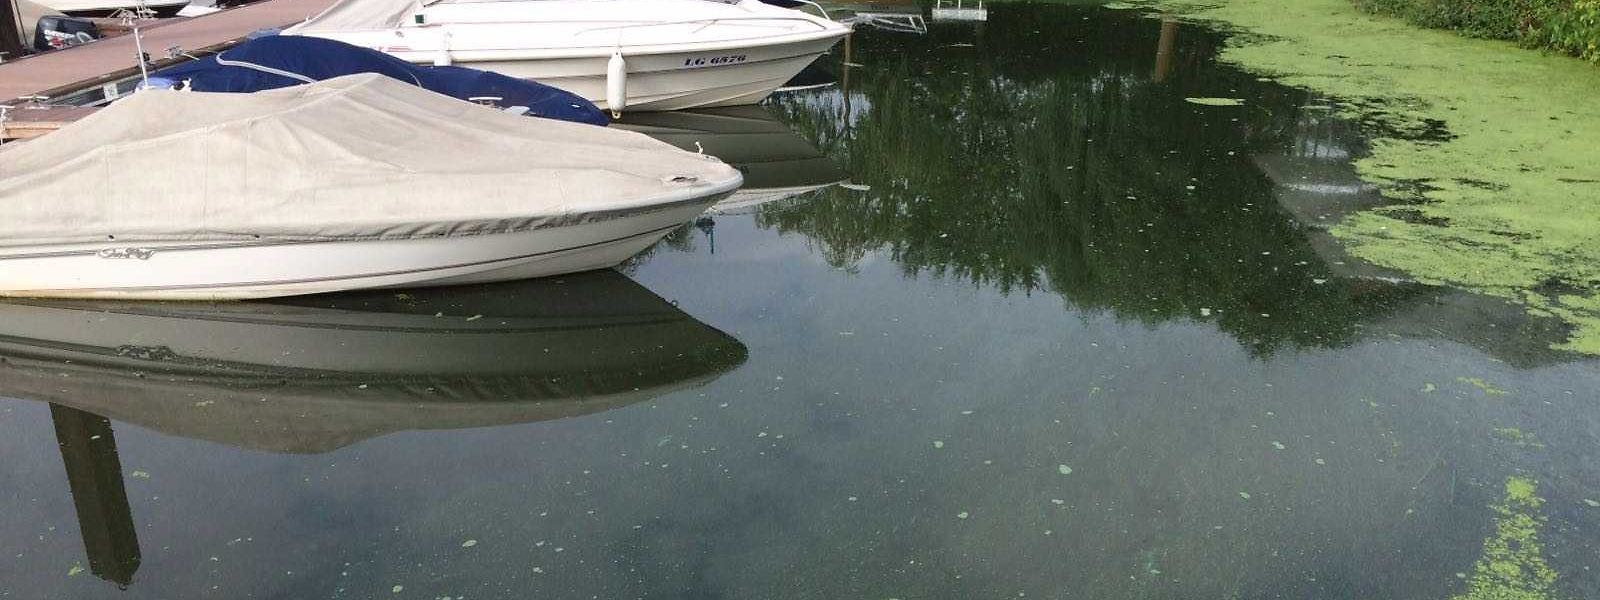 Attention, ces algues sont toxiques pour les humains et les animaux